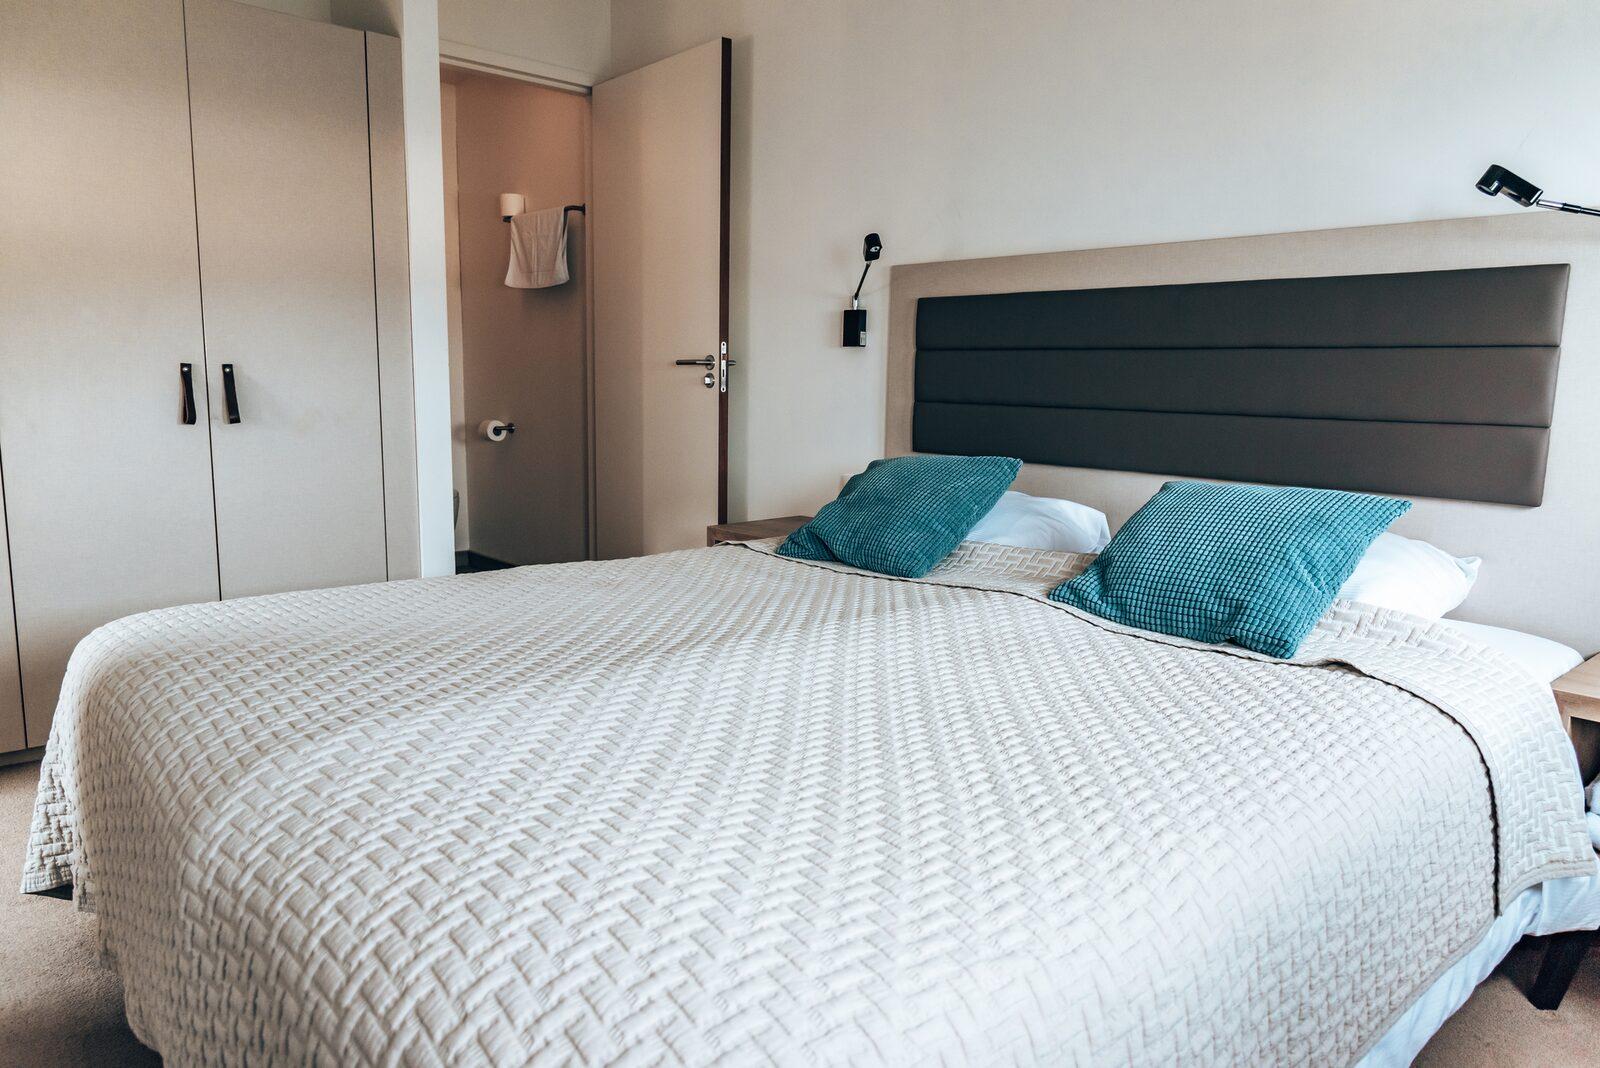 Hotelstudio Deluxe | 2 Pers.